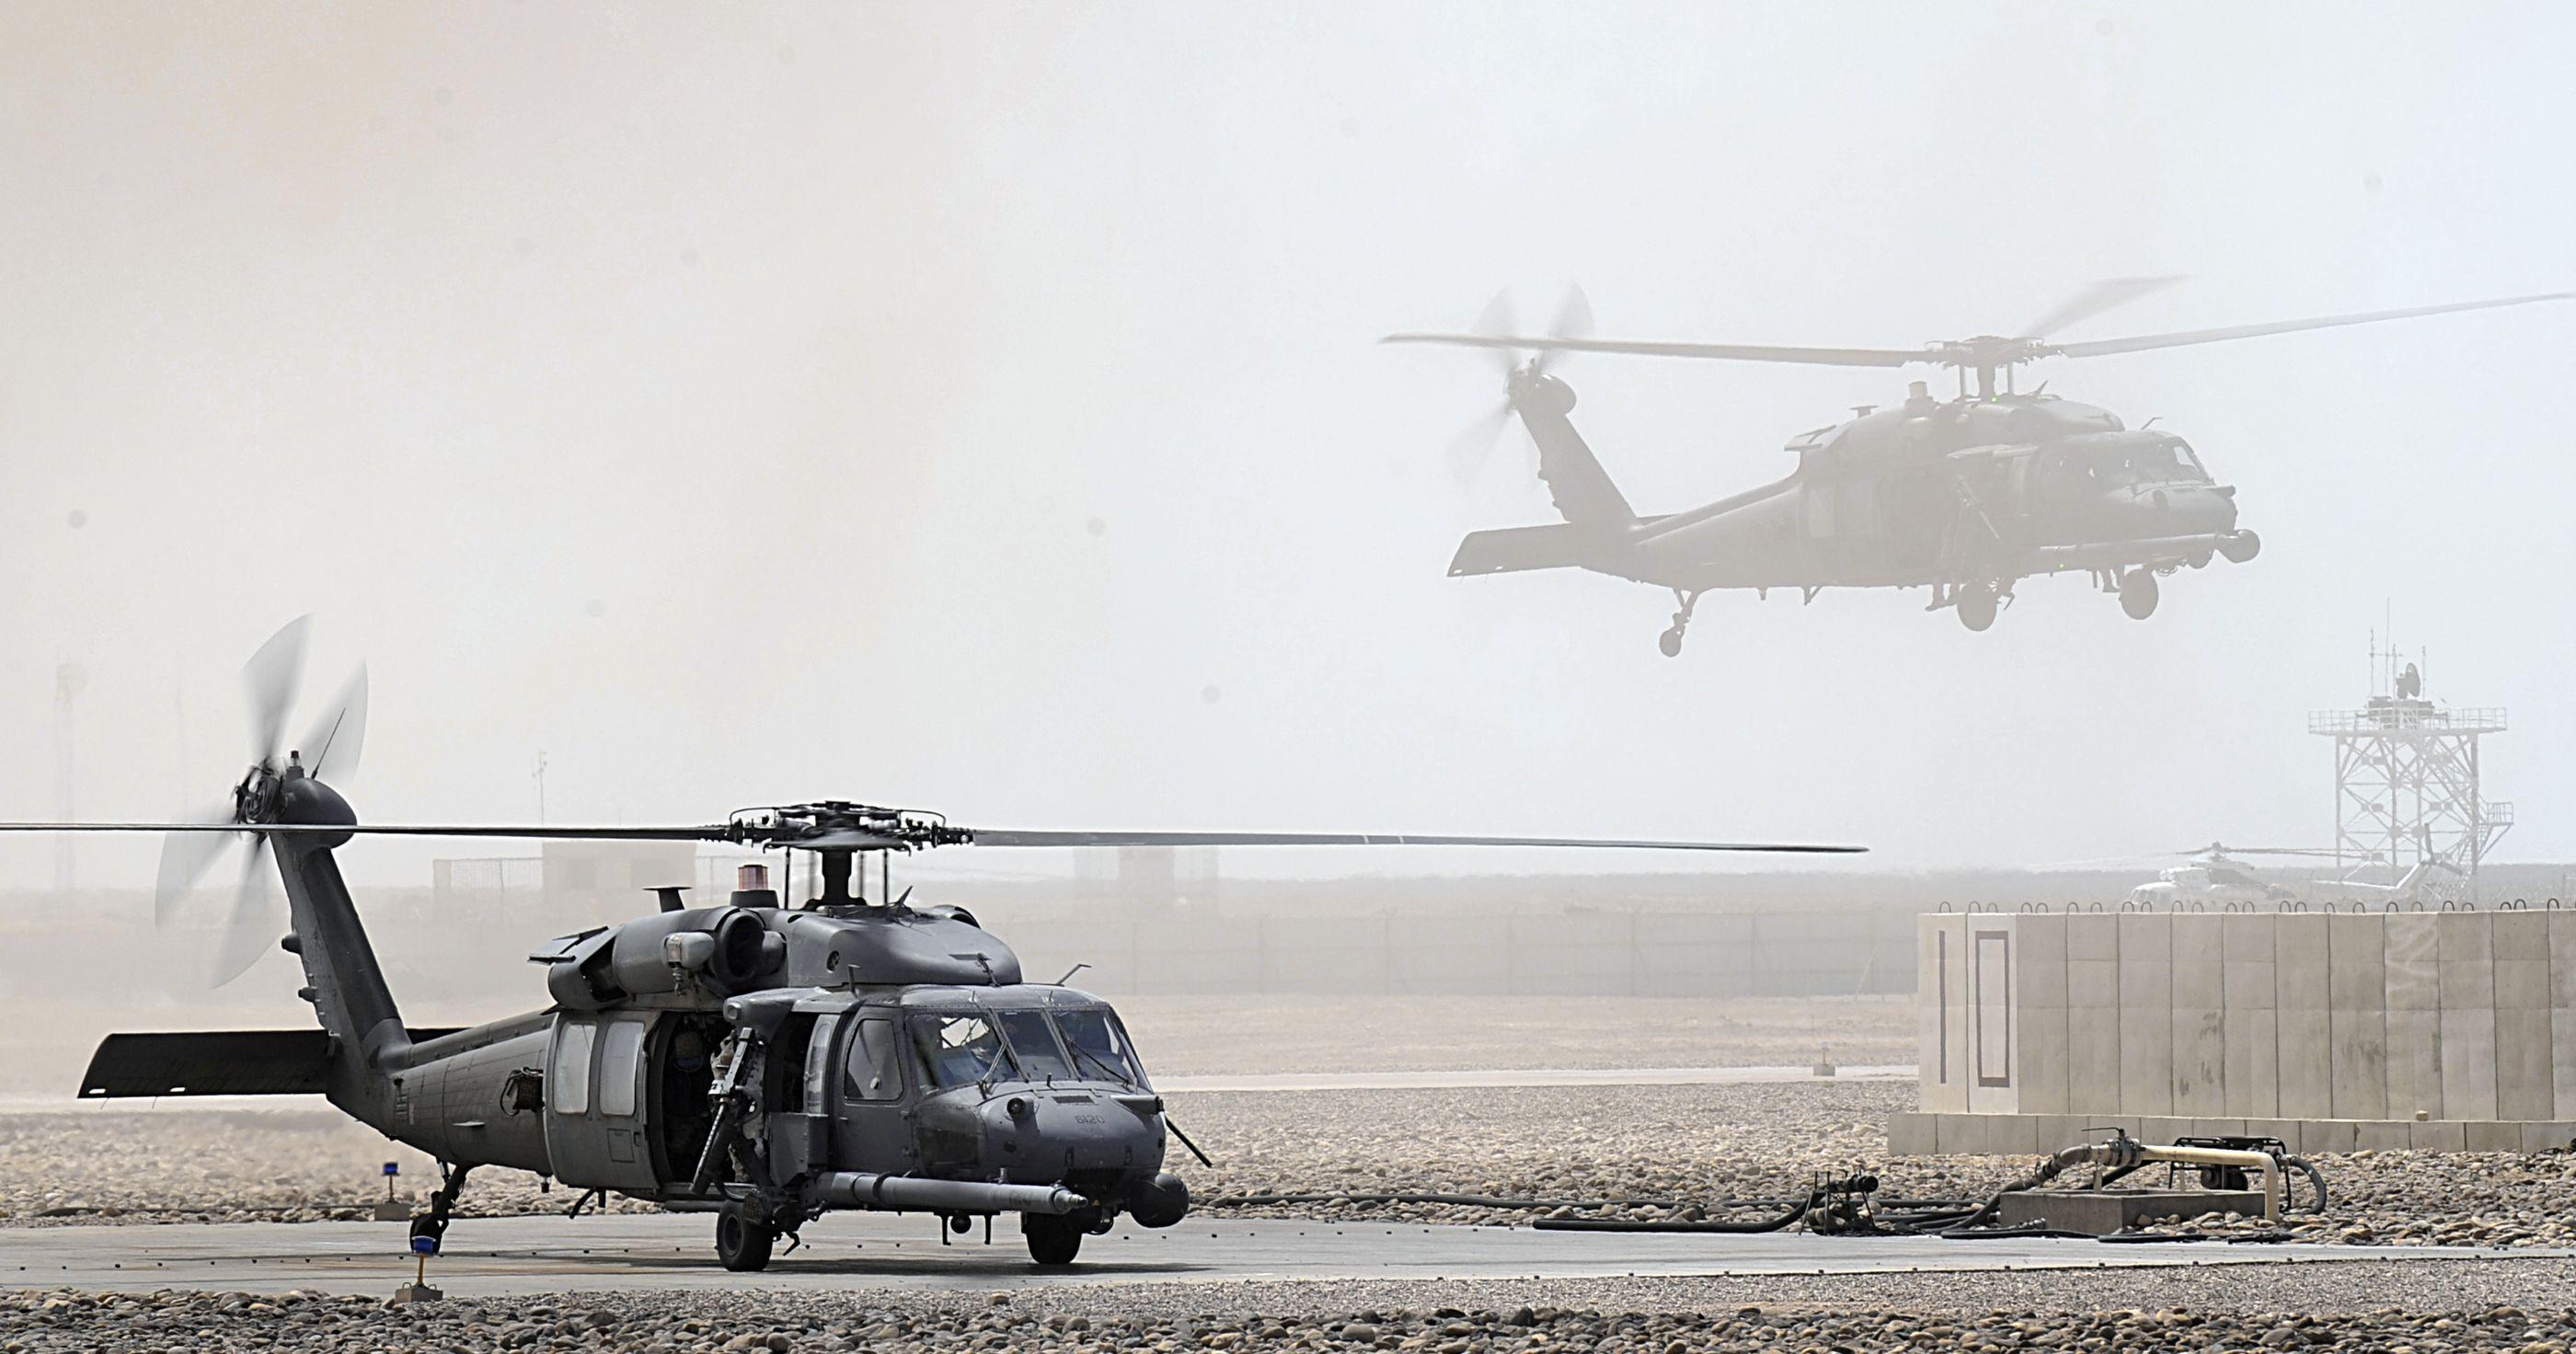 Обои MH-60R, армия, Sea Hawk helicopter. Авиация foto 17